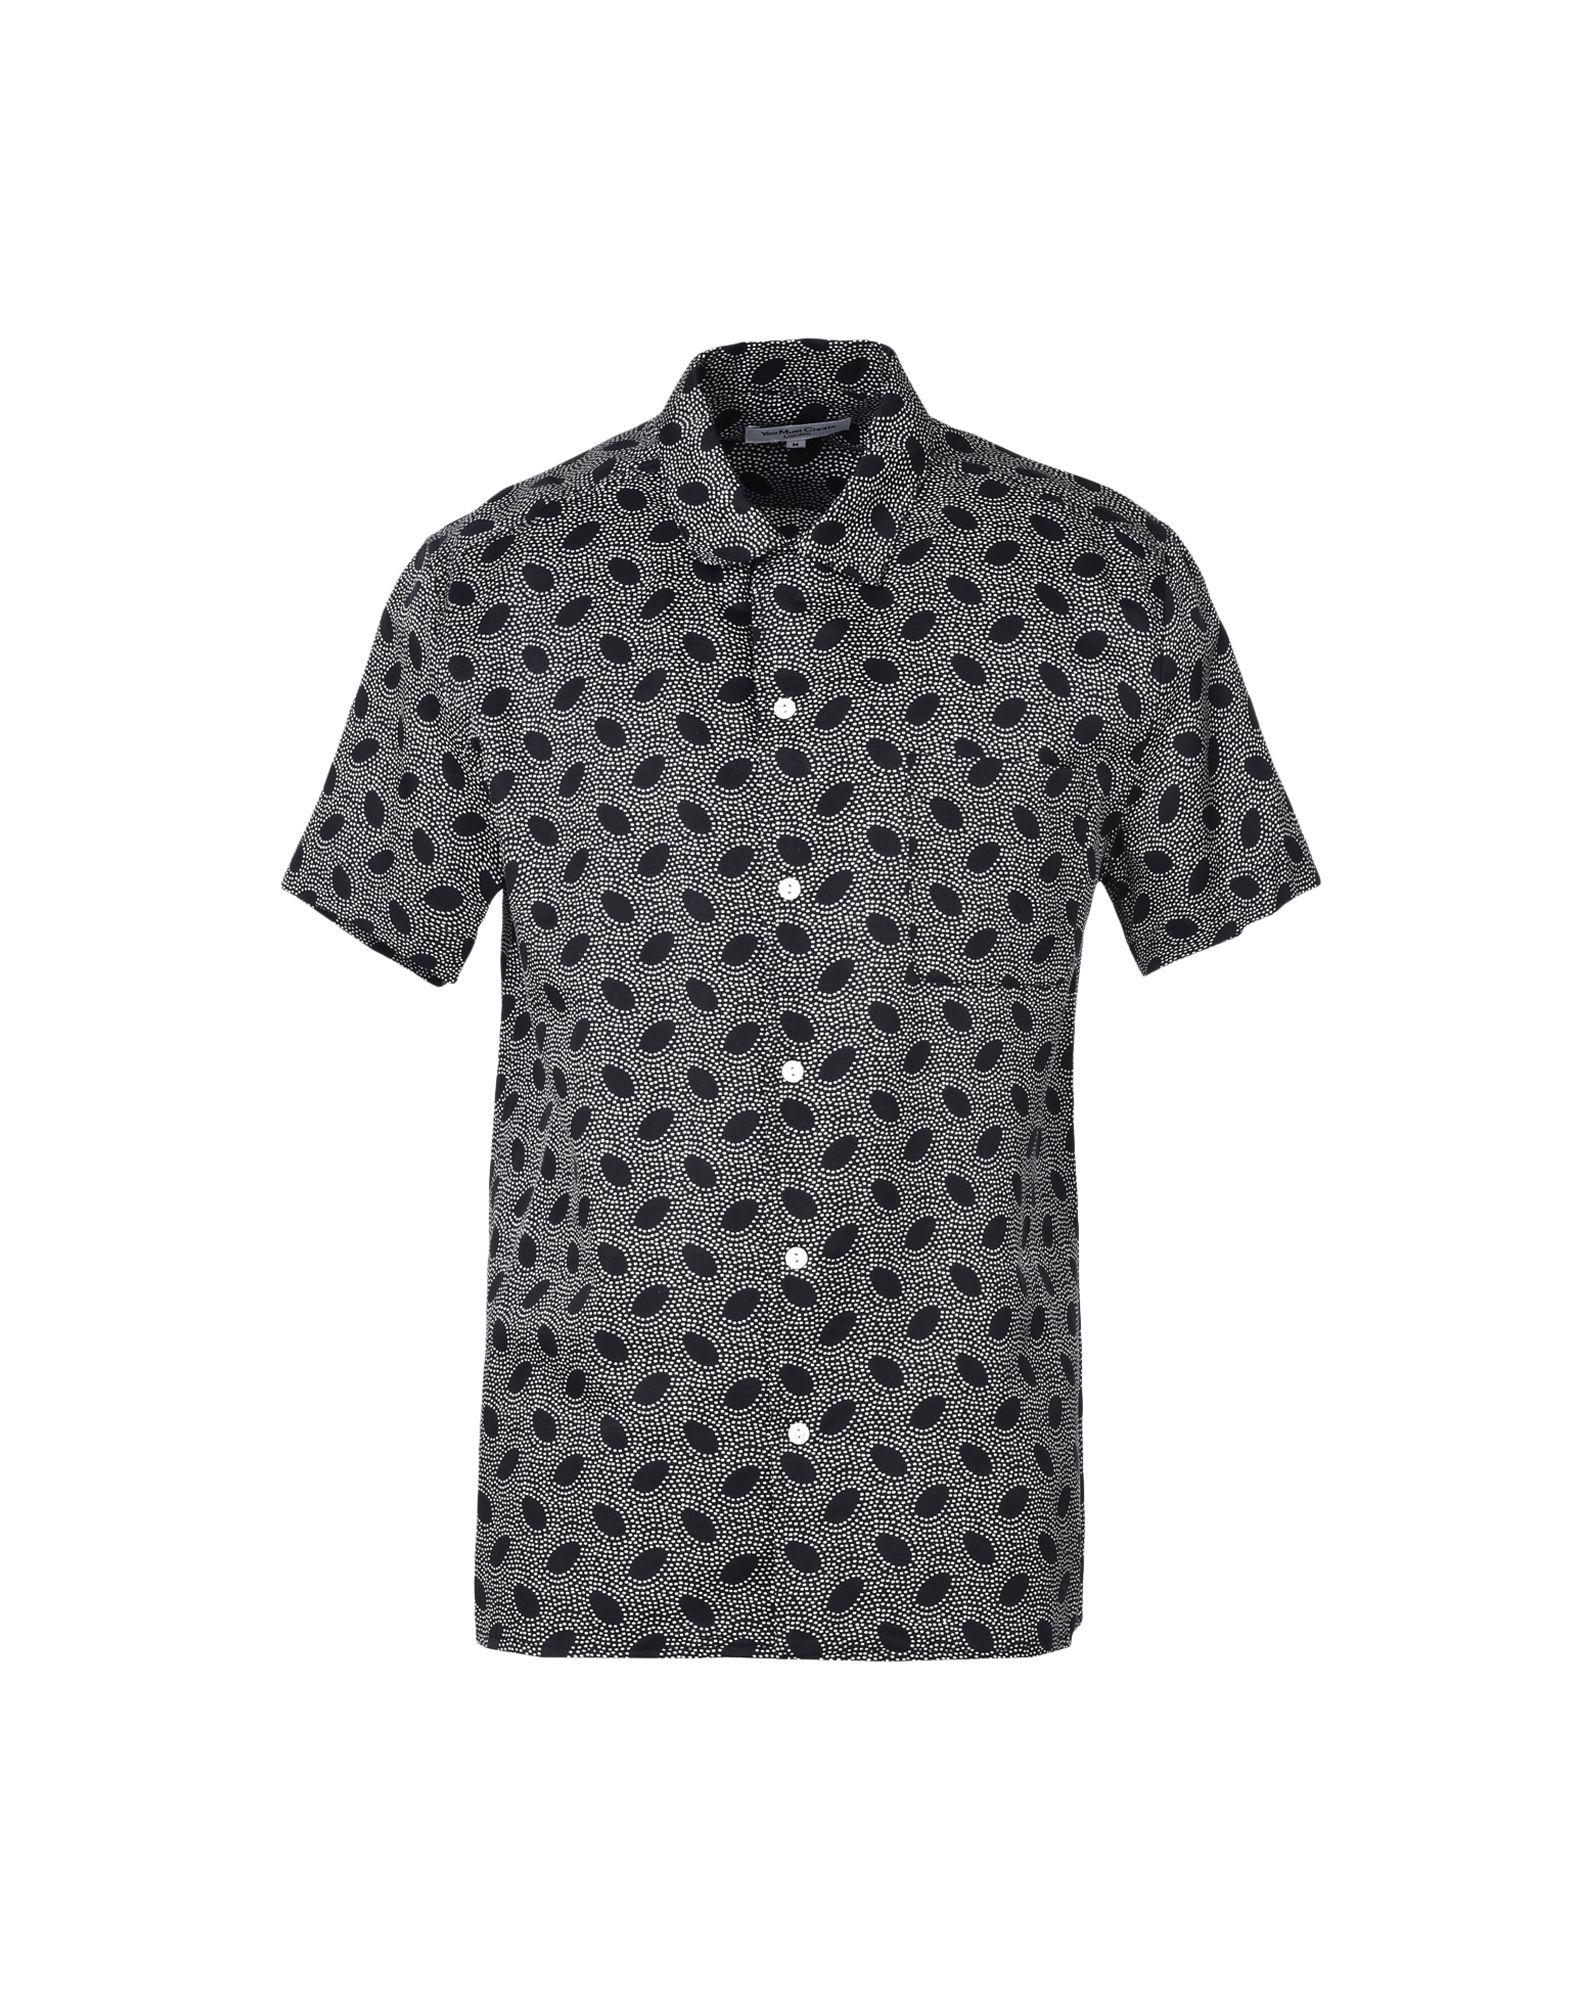 Camicia Fantasia Ymc You Must Create Malick Shirt - Uomo - Acquista online su